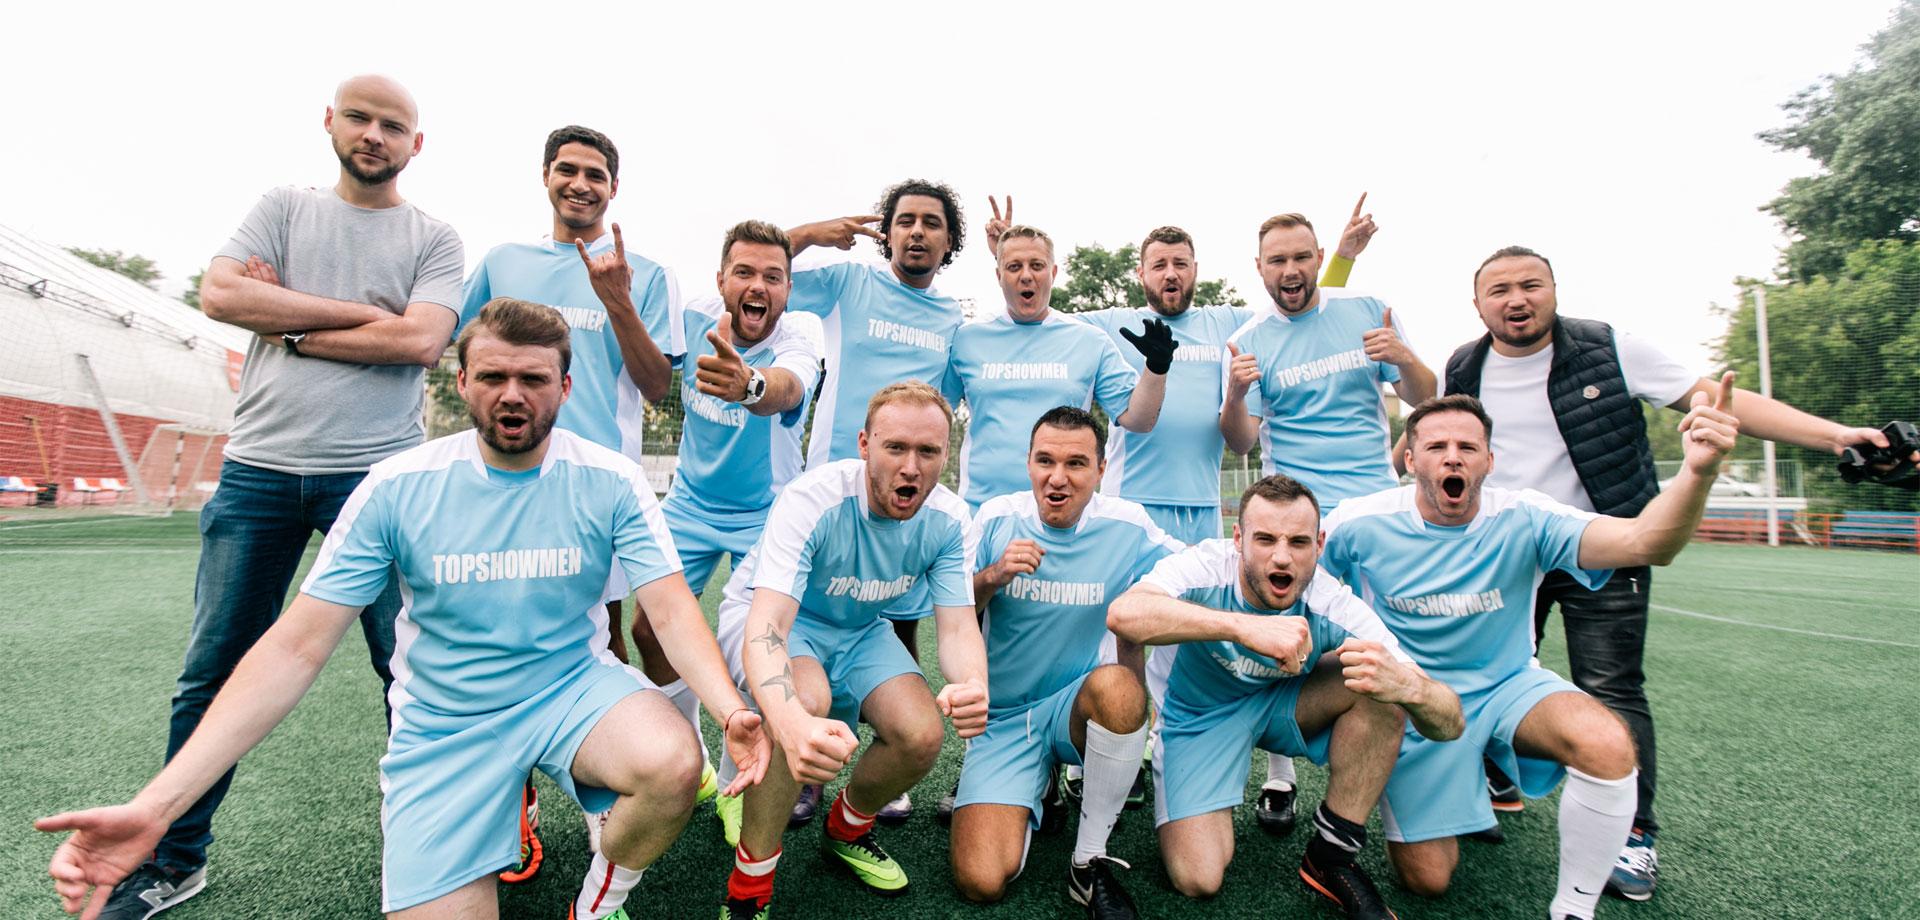 EventFootball - футбольный чемпионат среди представителей мира Event